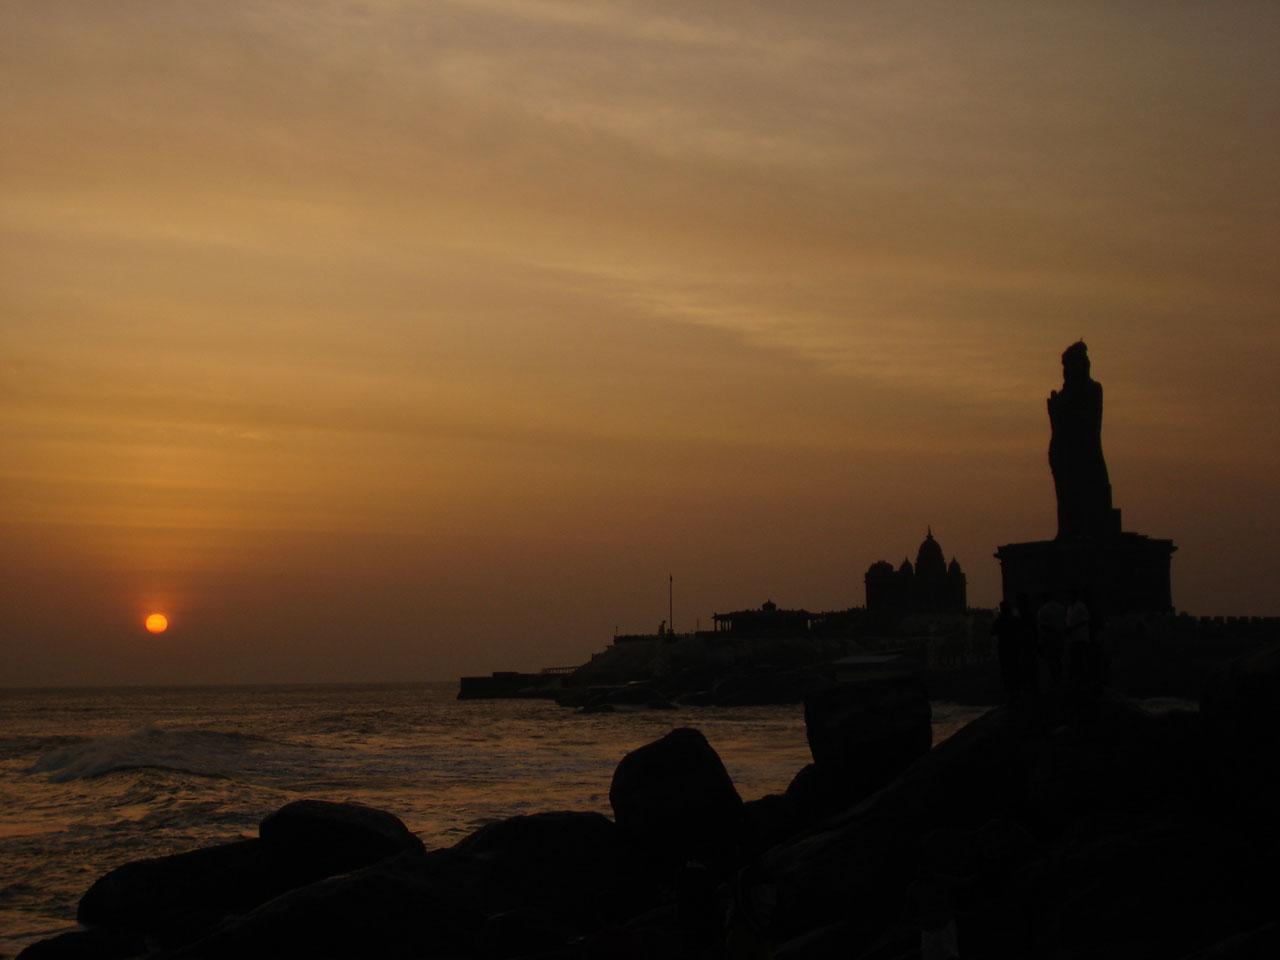 Drawn sunrise kerala scenery Little Scenery SUNRISE Sunset Images: